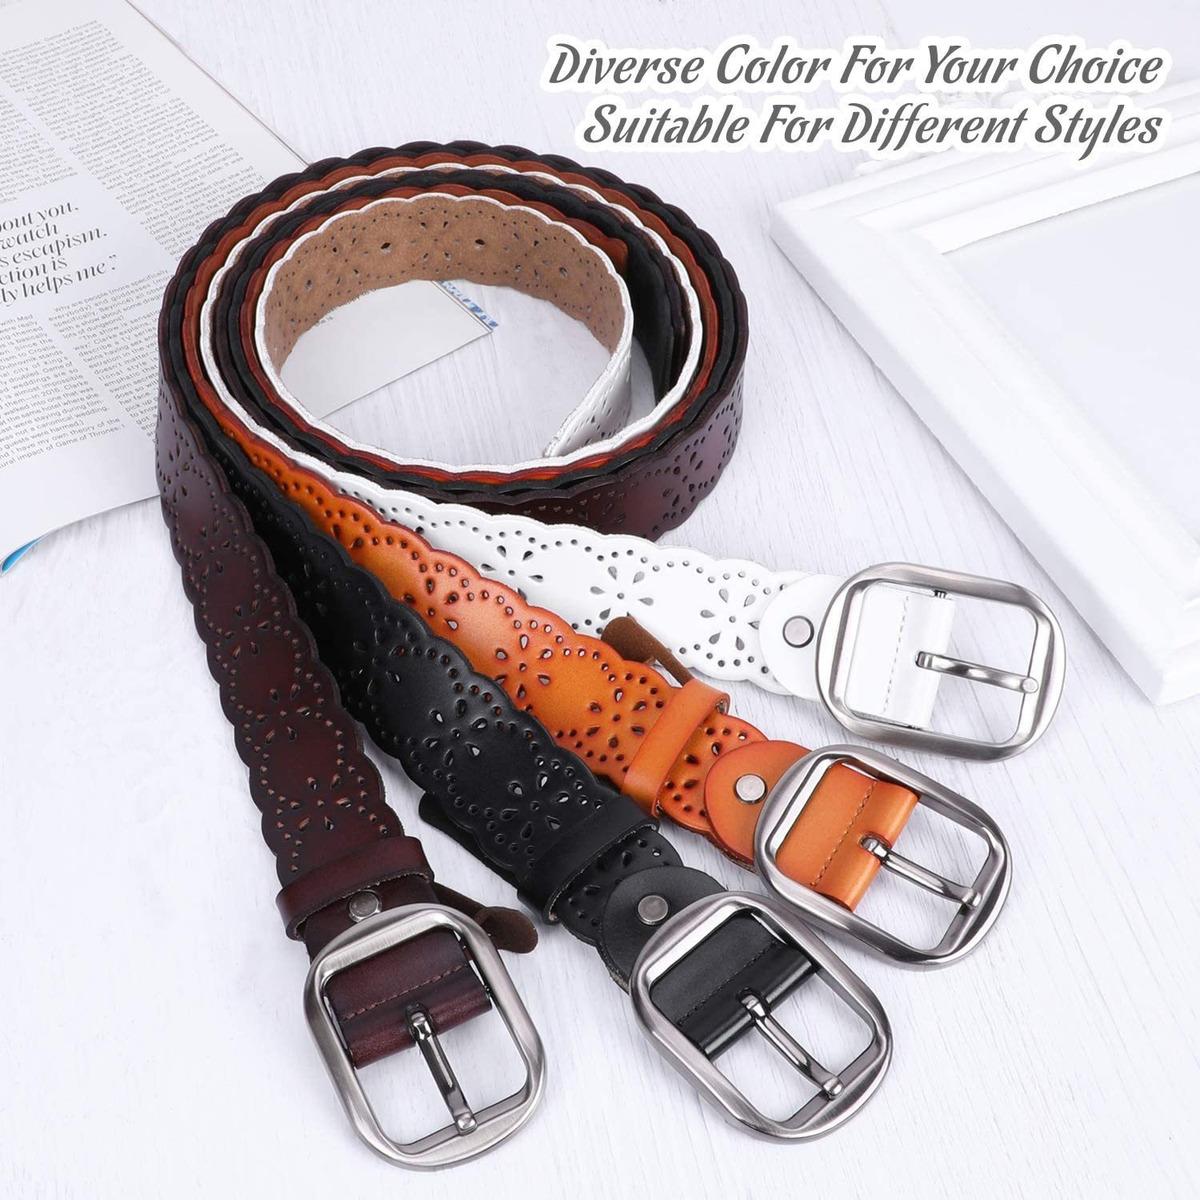 Jasgood Cinturon De Piel Para Pantalones Vaqueros Para Muj 143 980 En Mercado Libre